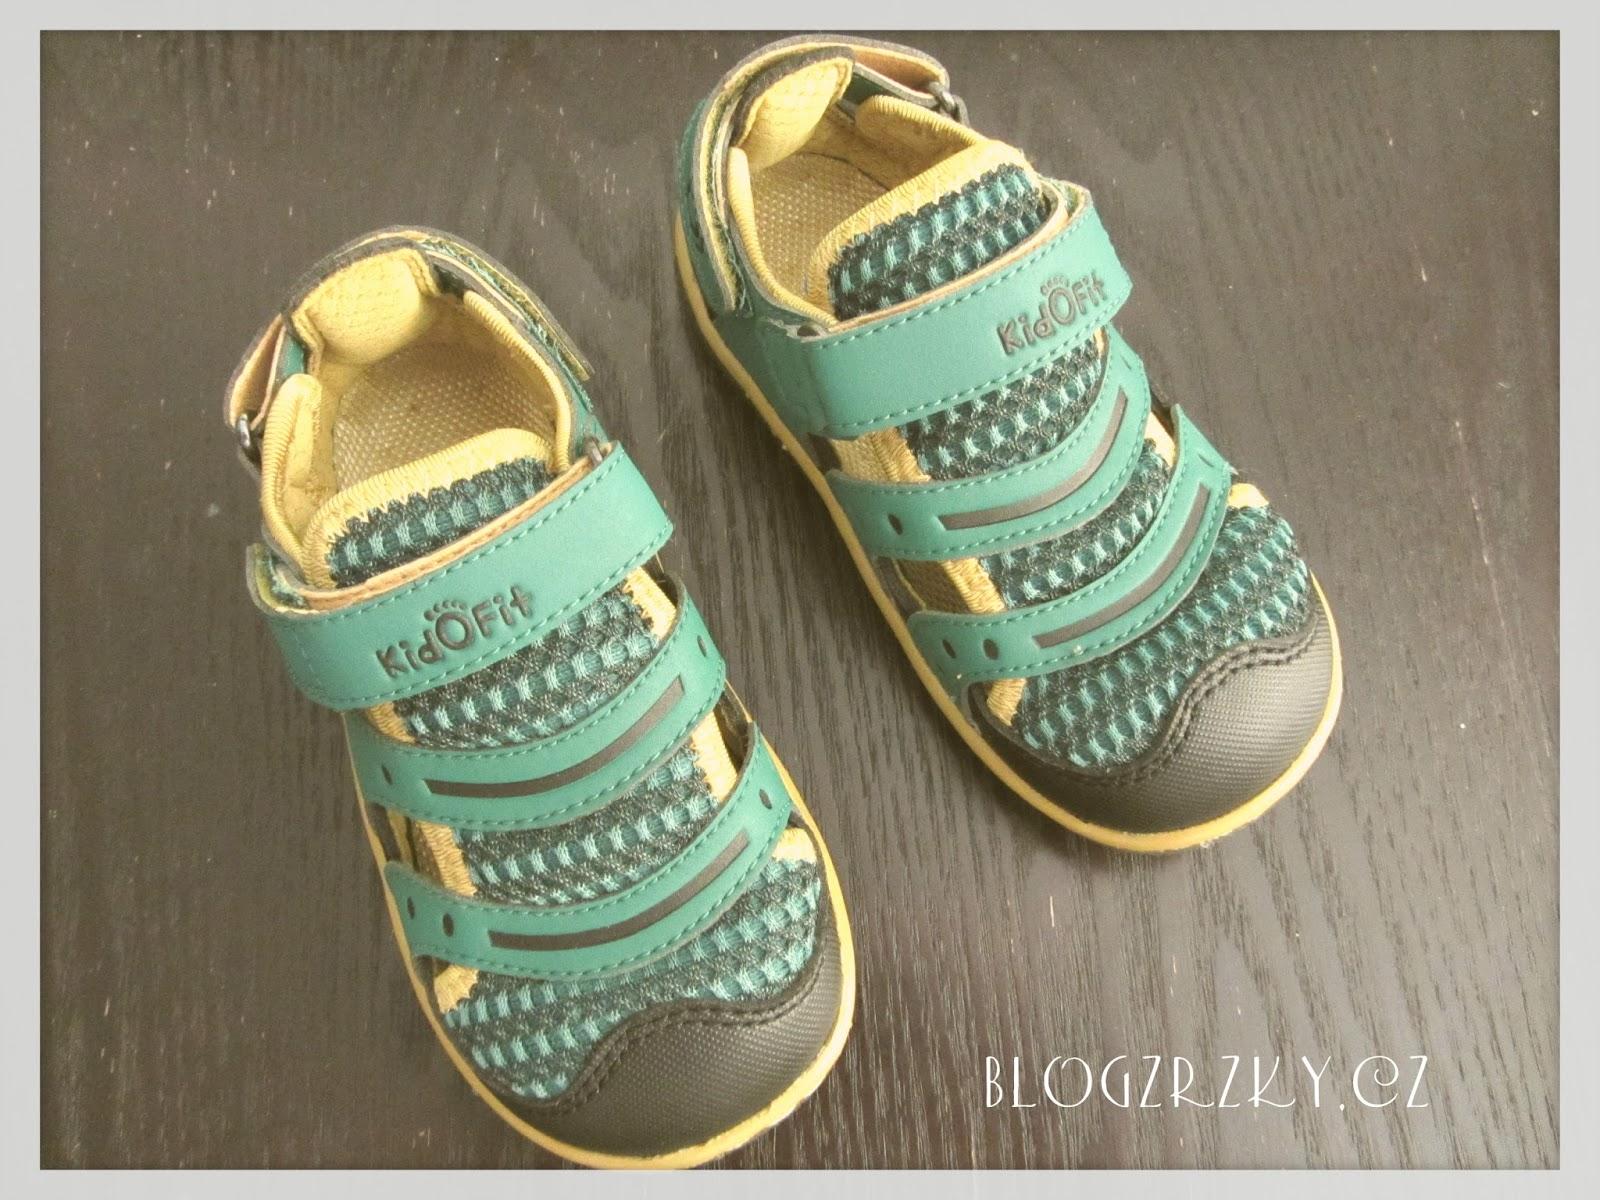 233841cd3957 Blog Zrzky  Barefoot   Letní sandále KidOFit